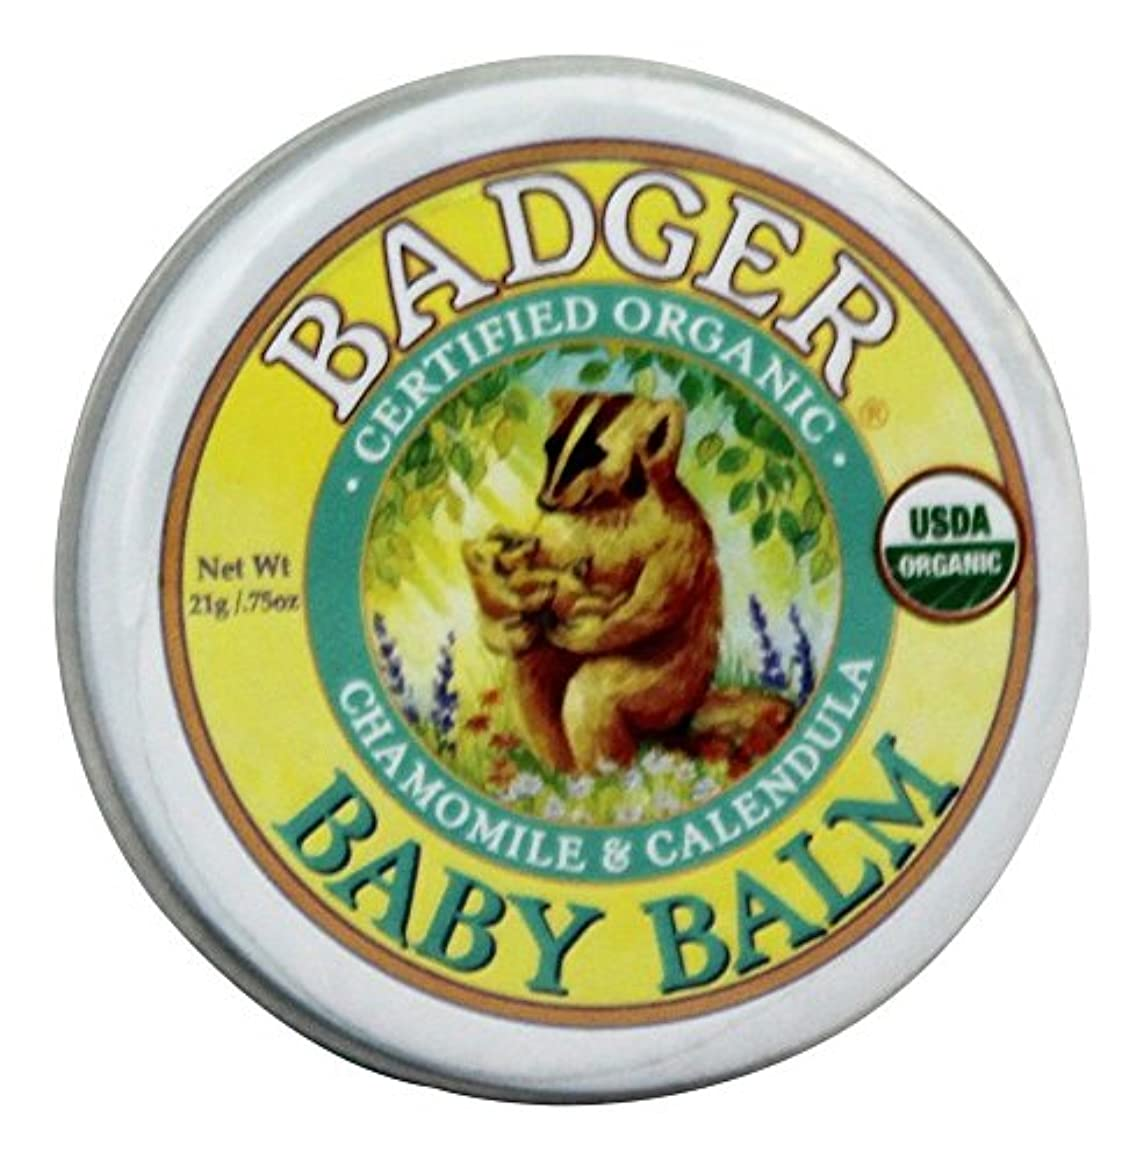 基礎放映マラソンBadger - 赤ん坊の香油のChamomile及びCalendula - 0.75ポンド [並行輸入品]